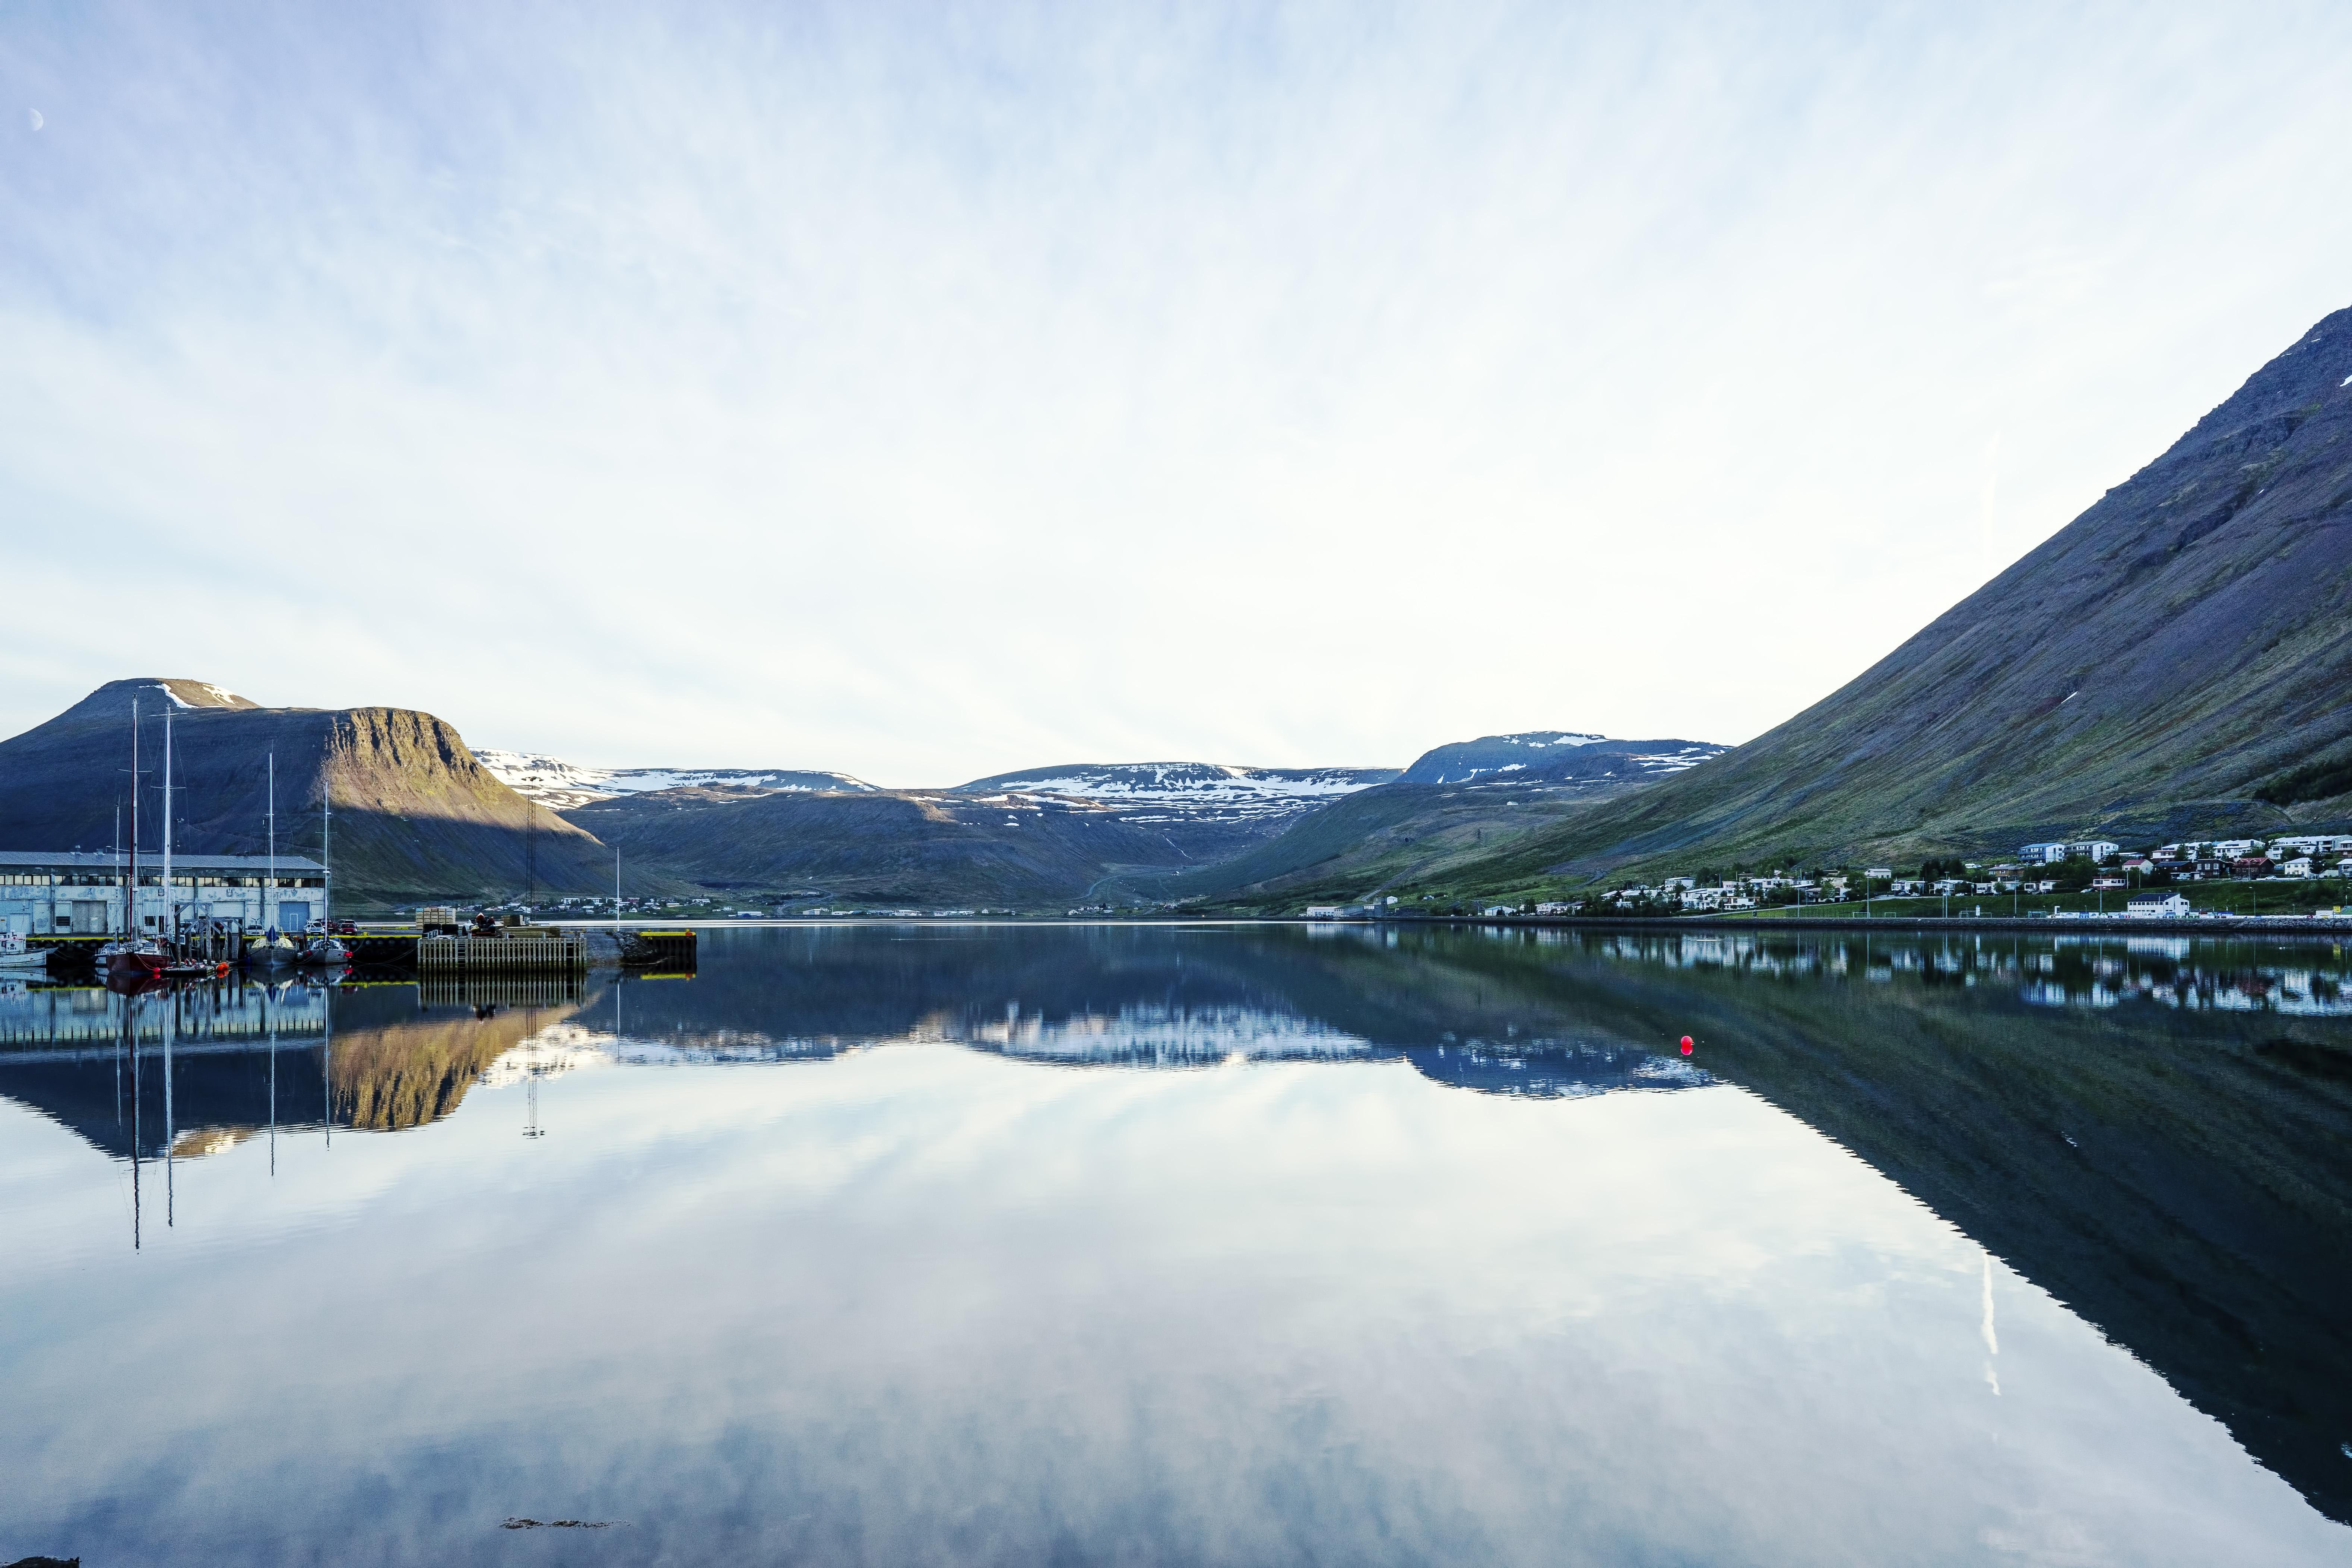 Isafjordur 11pm Summer Solstice '18